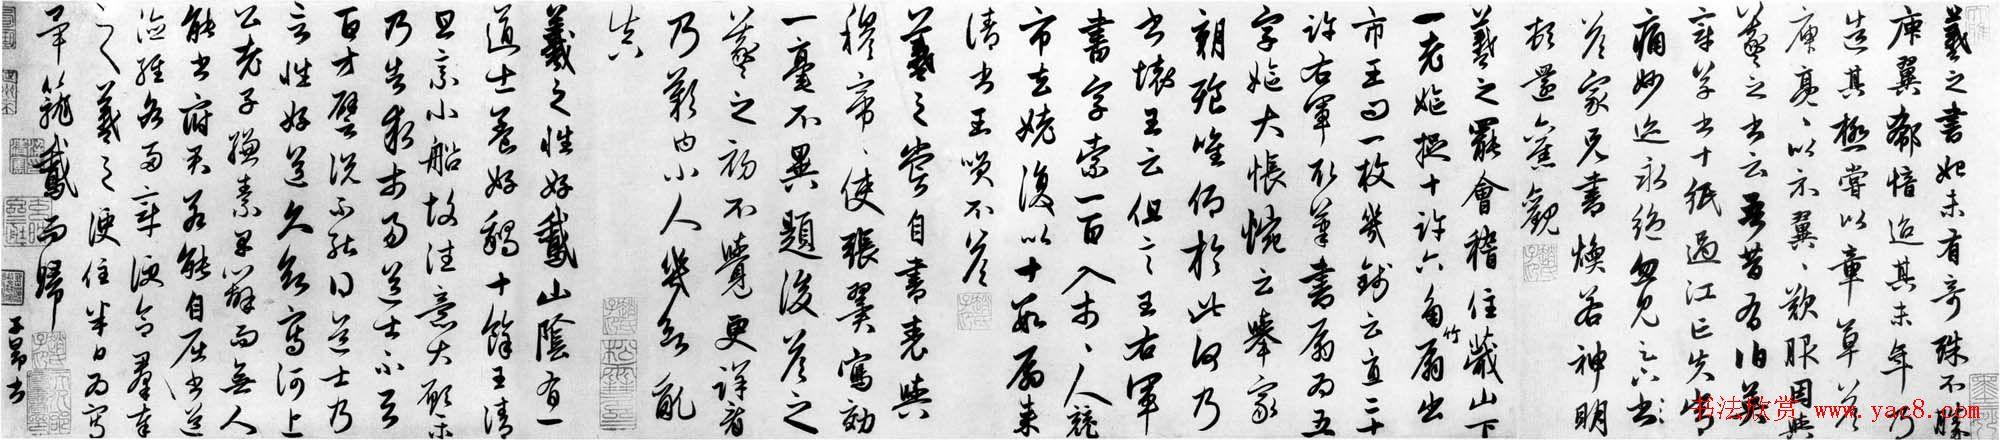 元代书法家赵孟頫行书作品欣赏临王羲之书事卷(四事帖)图片